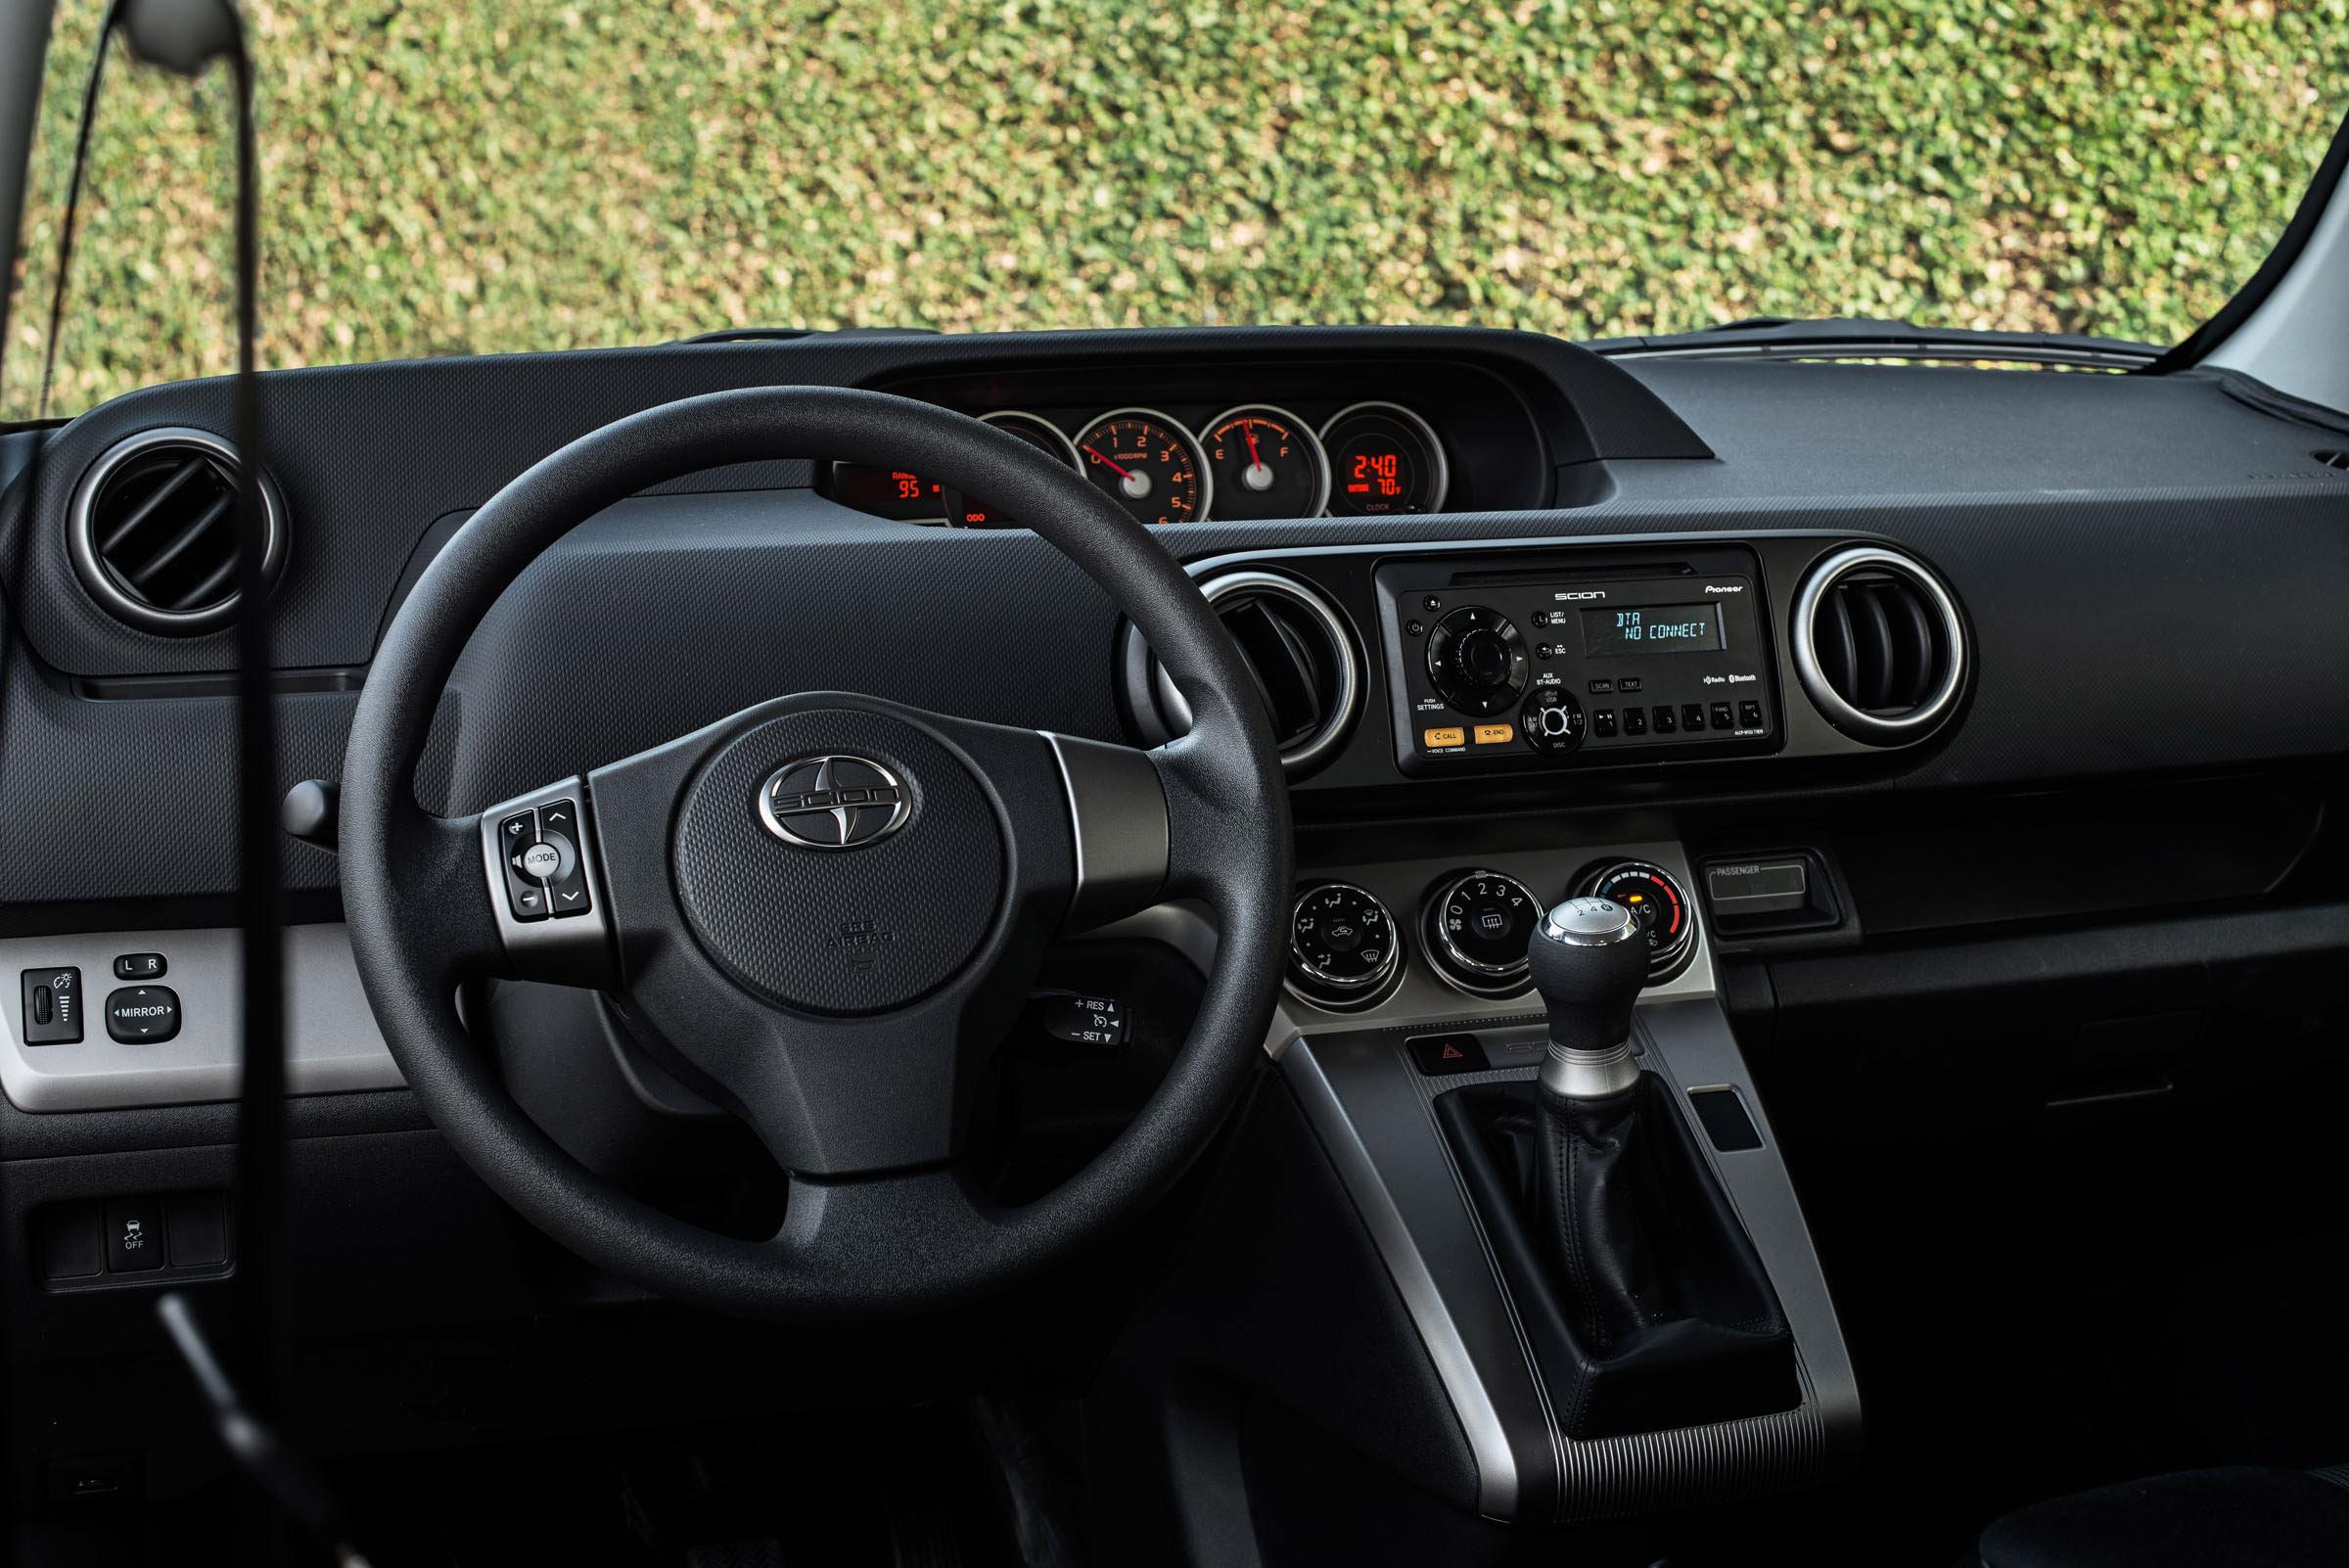 2012 Lumma Clr 558 Gt Porsche Cayenne